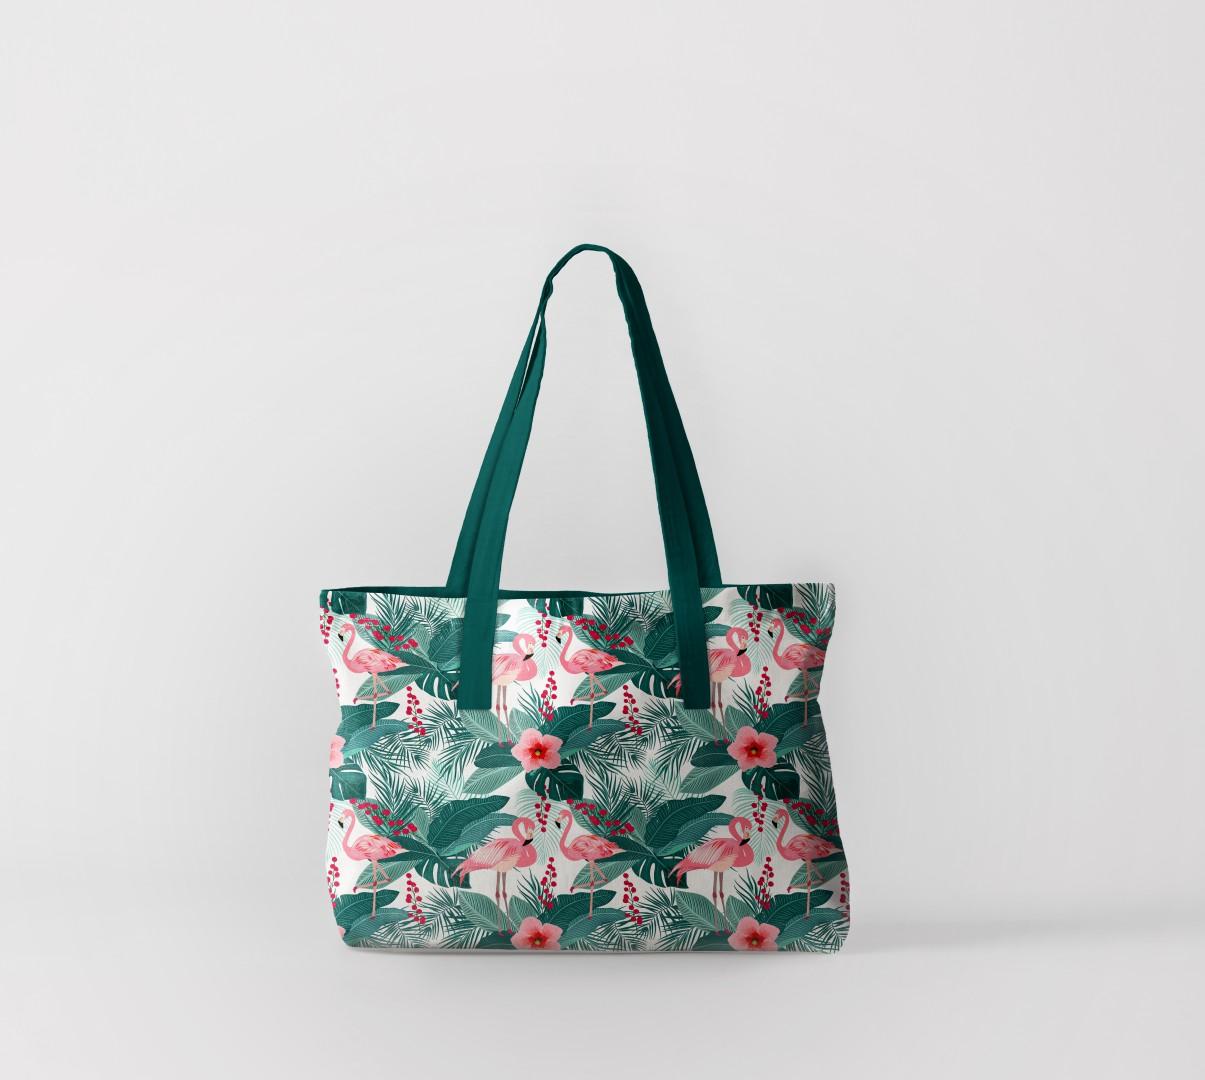 Пляжная сумка Пальмы и фламинго (50х40 см) Олимп Текстиль oli732587